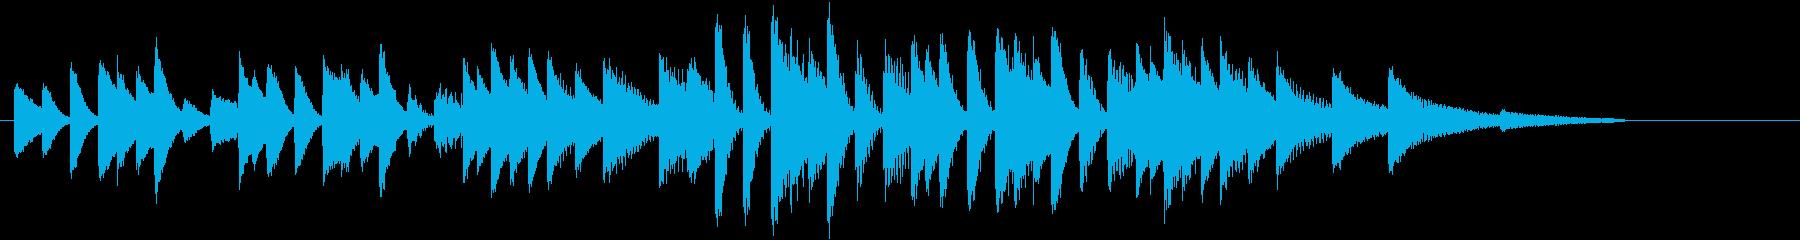 四季より「春」モチーフのピアノジングルDの再生済みの波形